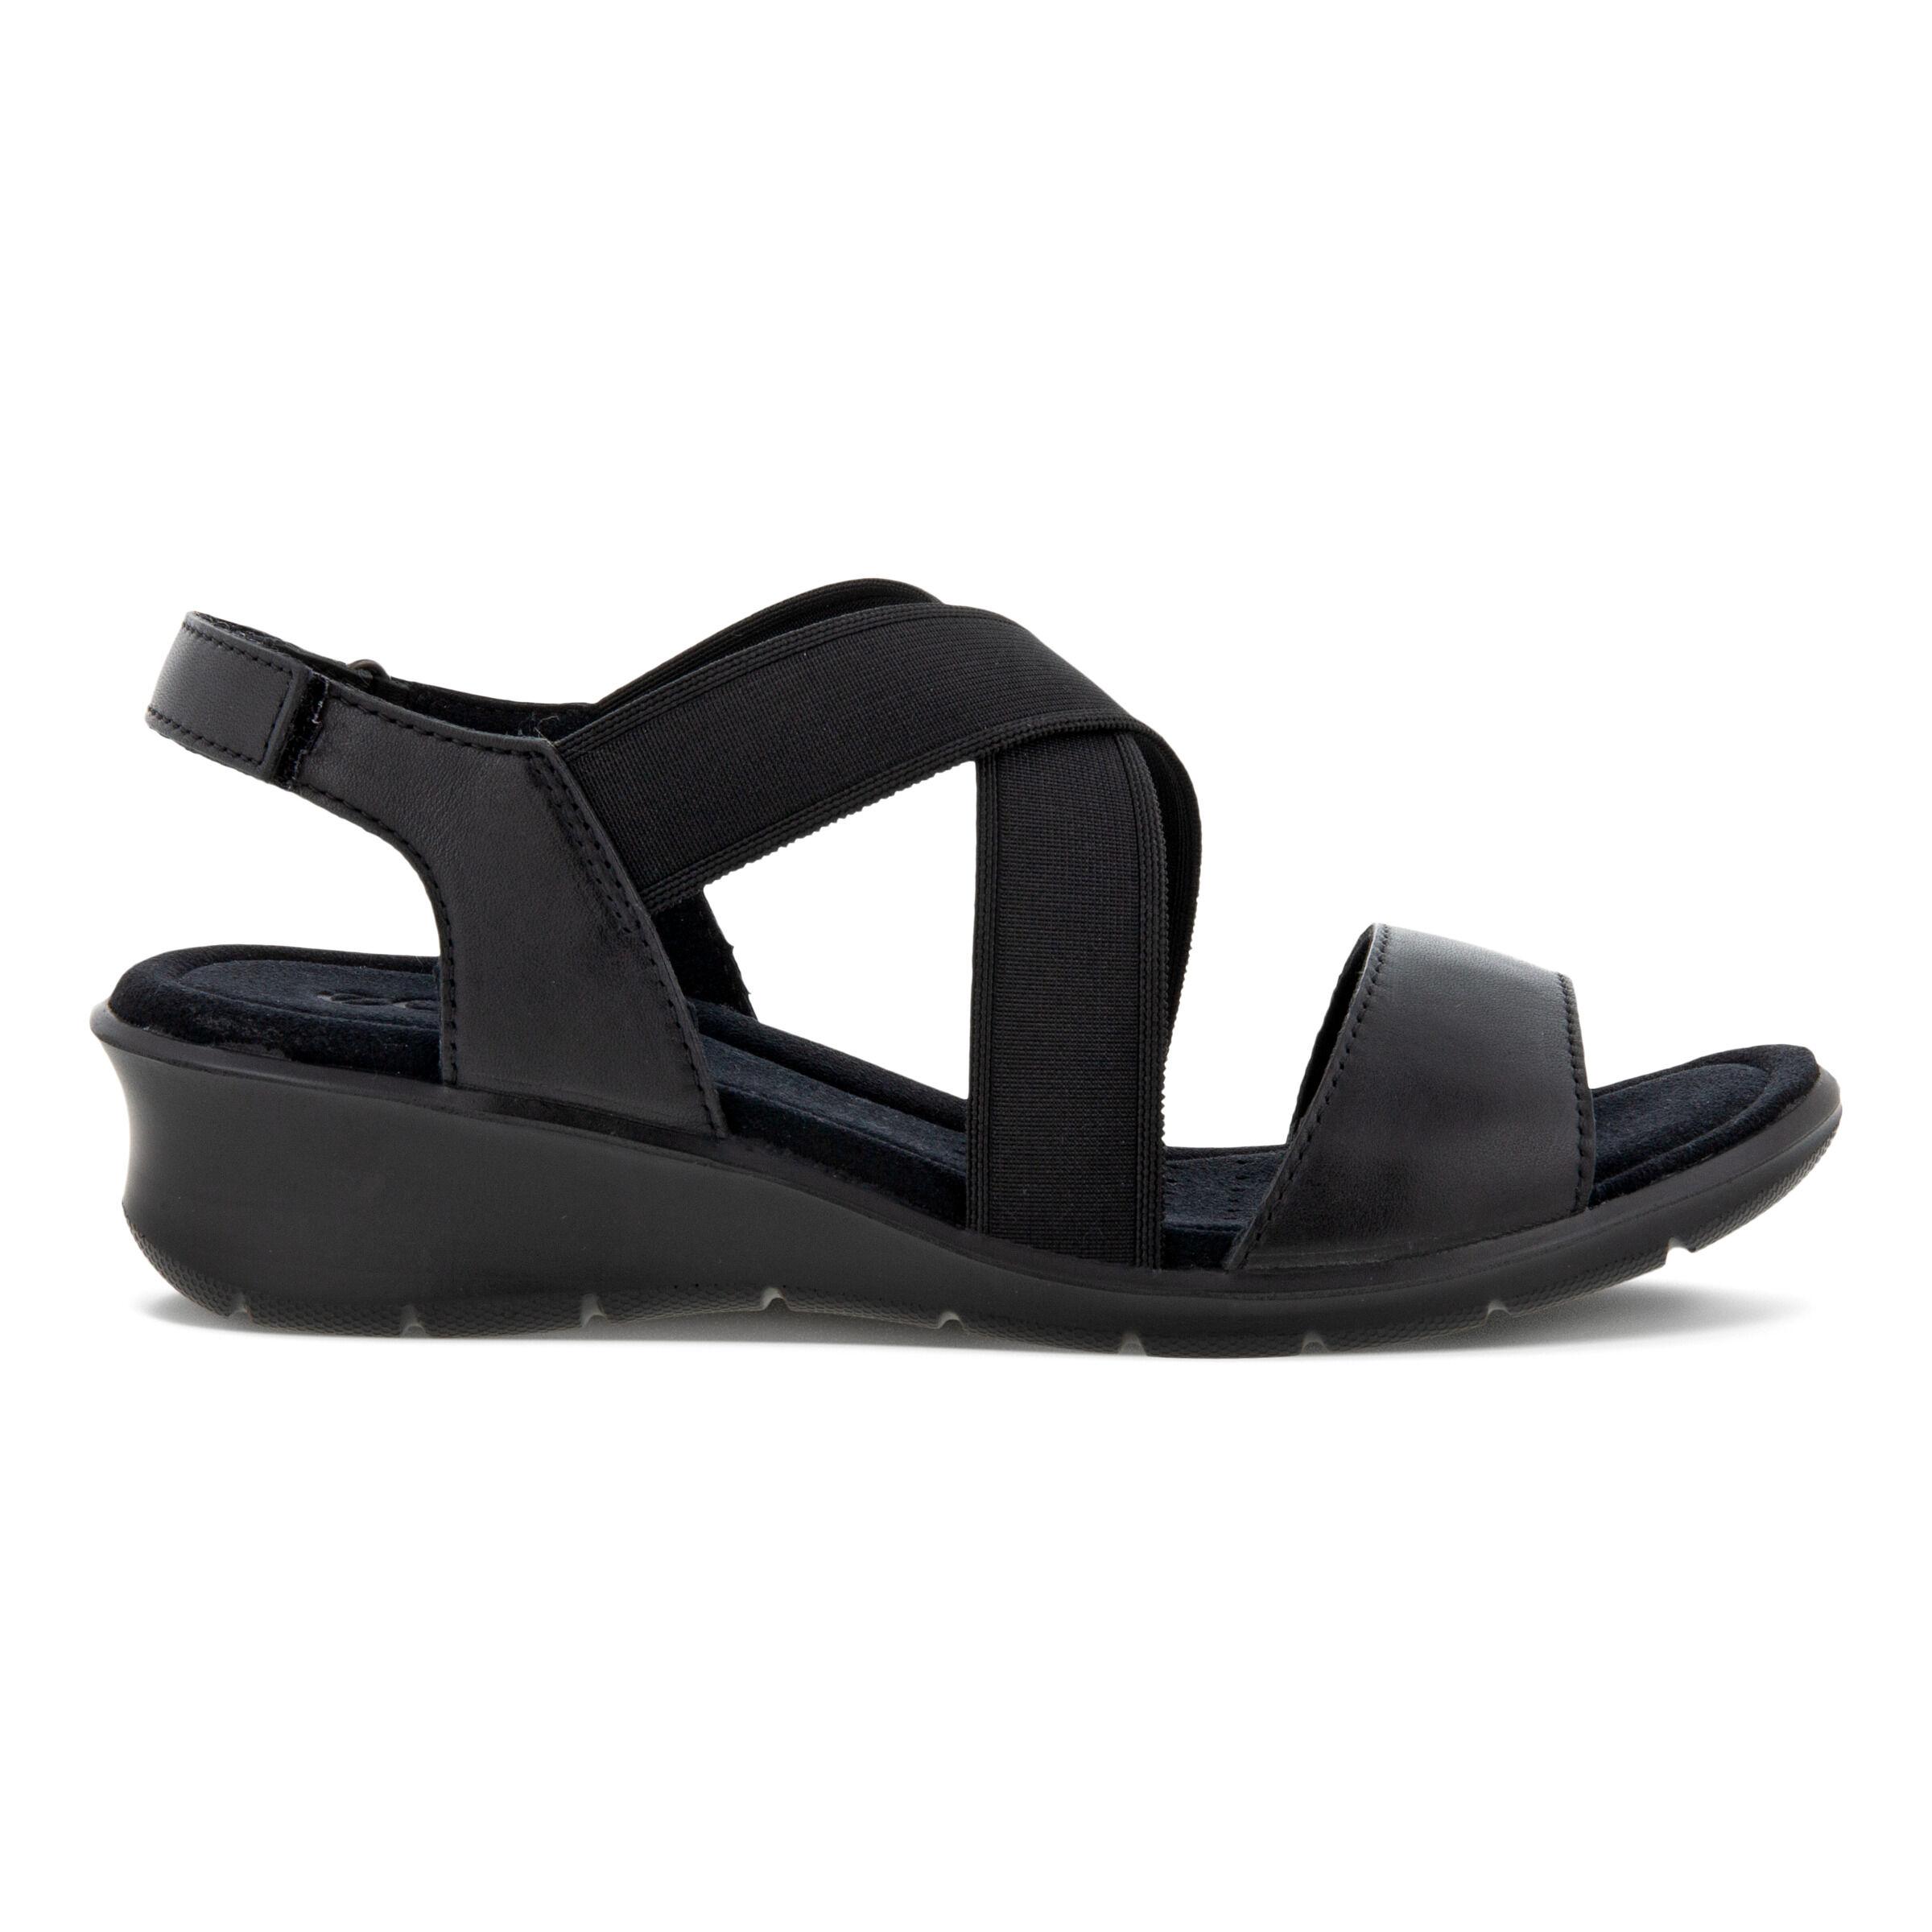 에코 샌들 ECCO FINOLA Womens Wedge Sandals,BLACK